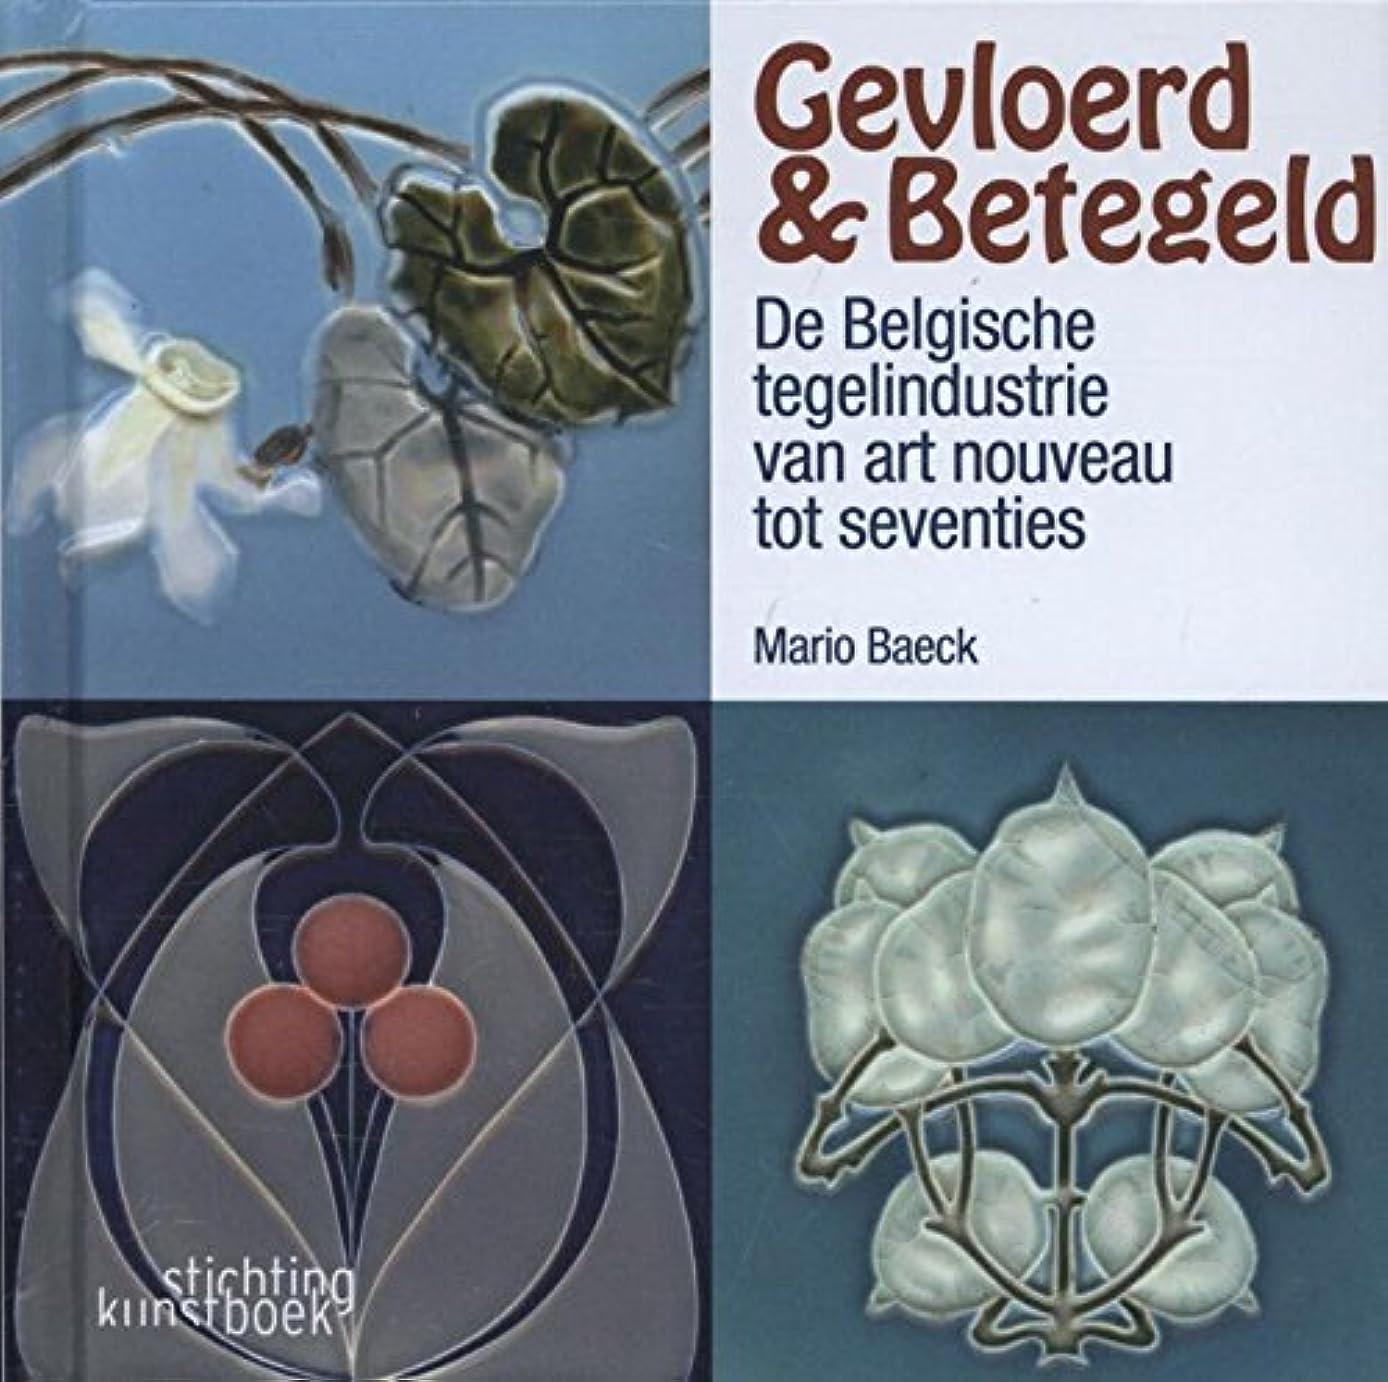 Gevloerd & betegeld:Mario Baeck de Belgische tegelindustrie van art nouveau tot seventies